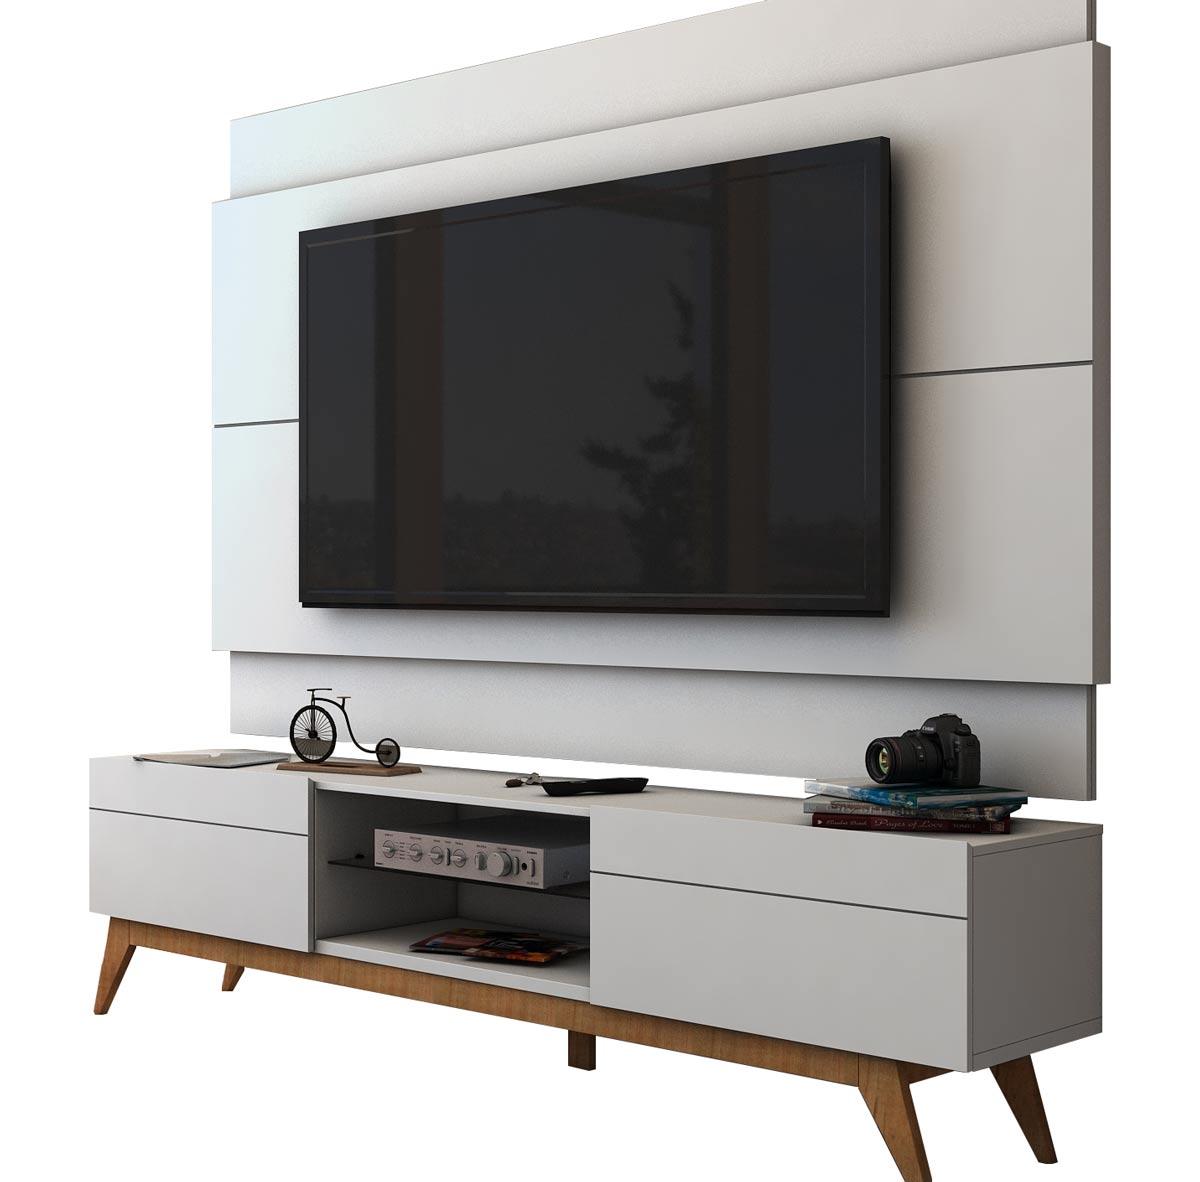 Rack com Painel Para TV 60 Polegadas Branco Classic 2G 2.2 - Imcal Móveis